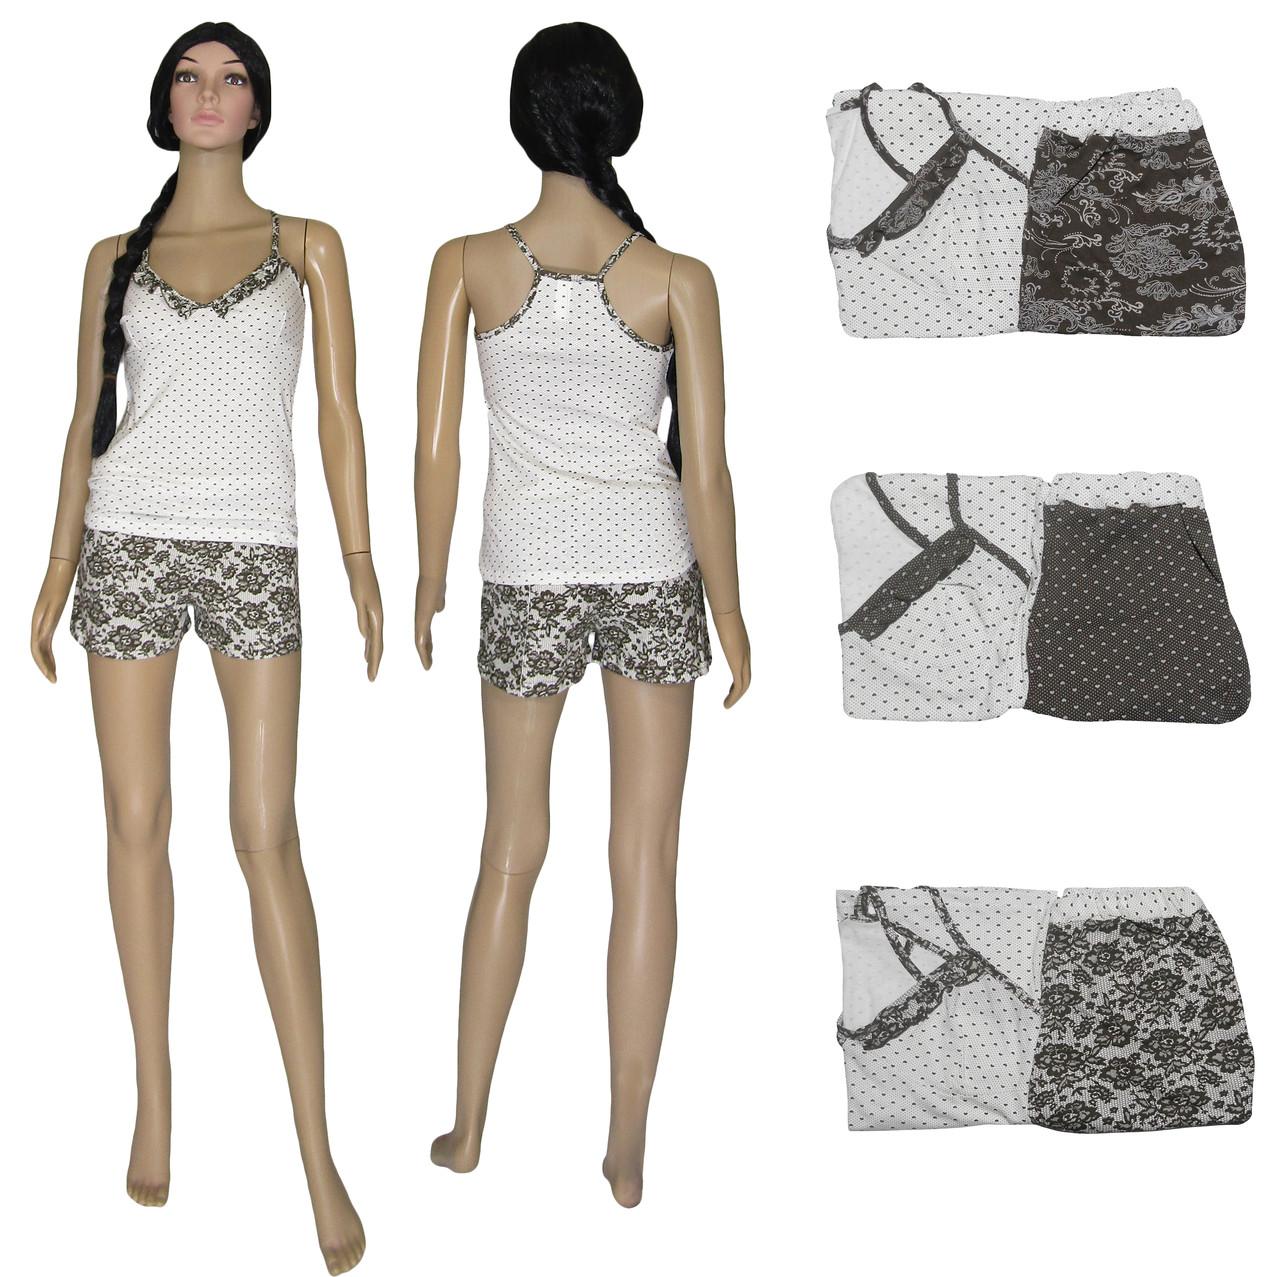 Пижама женская летняя 03223 Ameli, майка топ и шорты, р.р.42-50